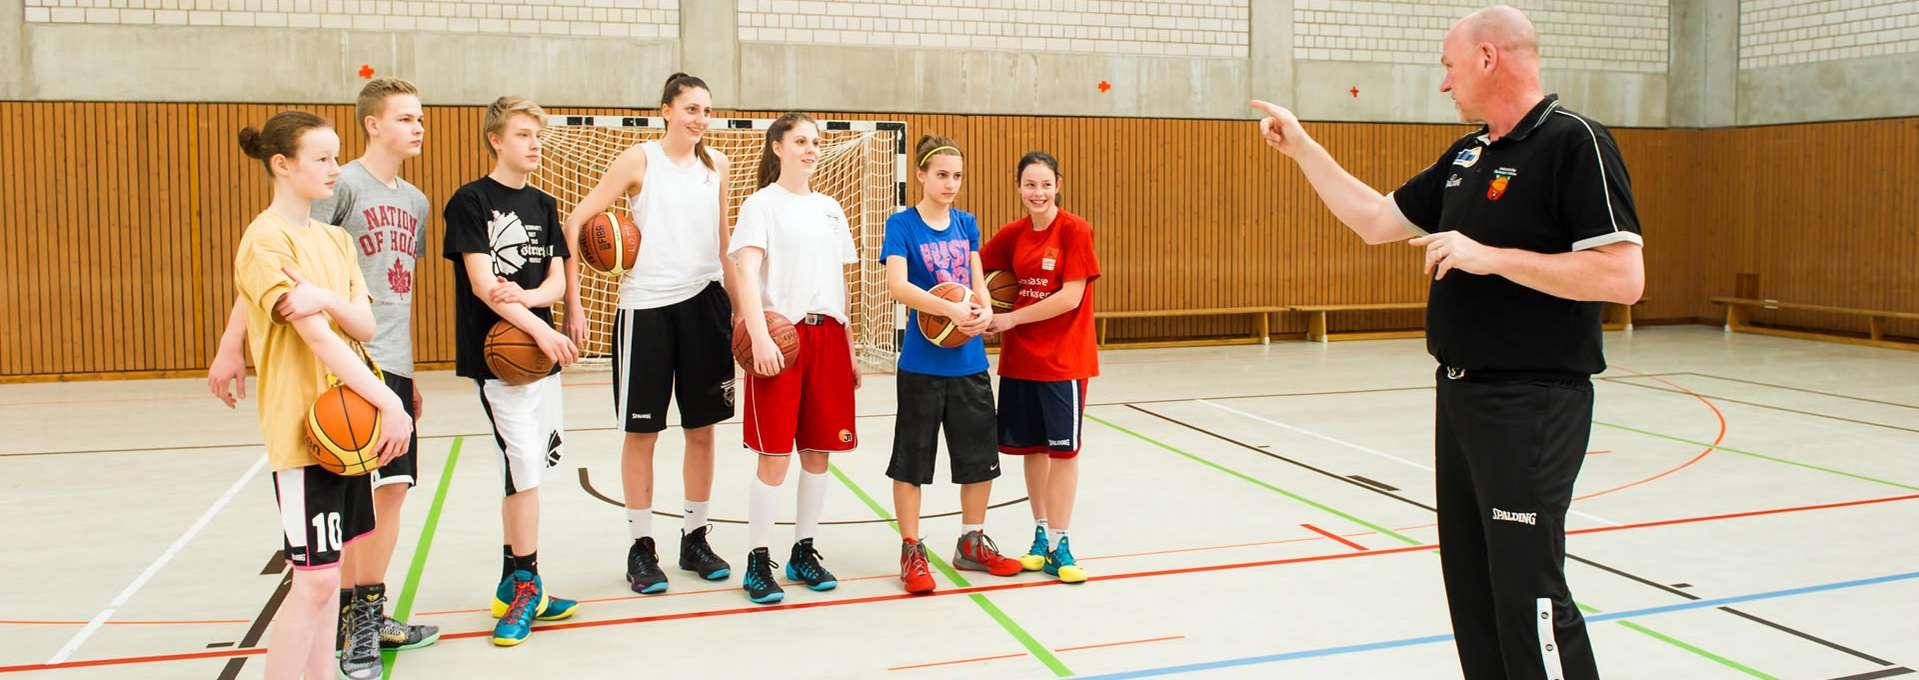 Jugendliche Ballspielgruppe mit Trainer in der Sporthalle